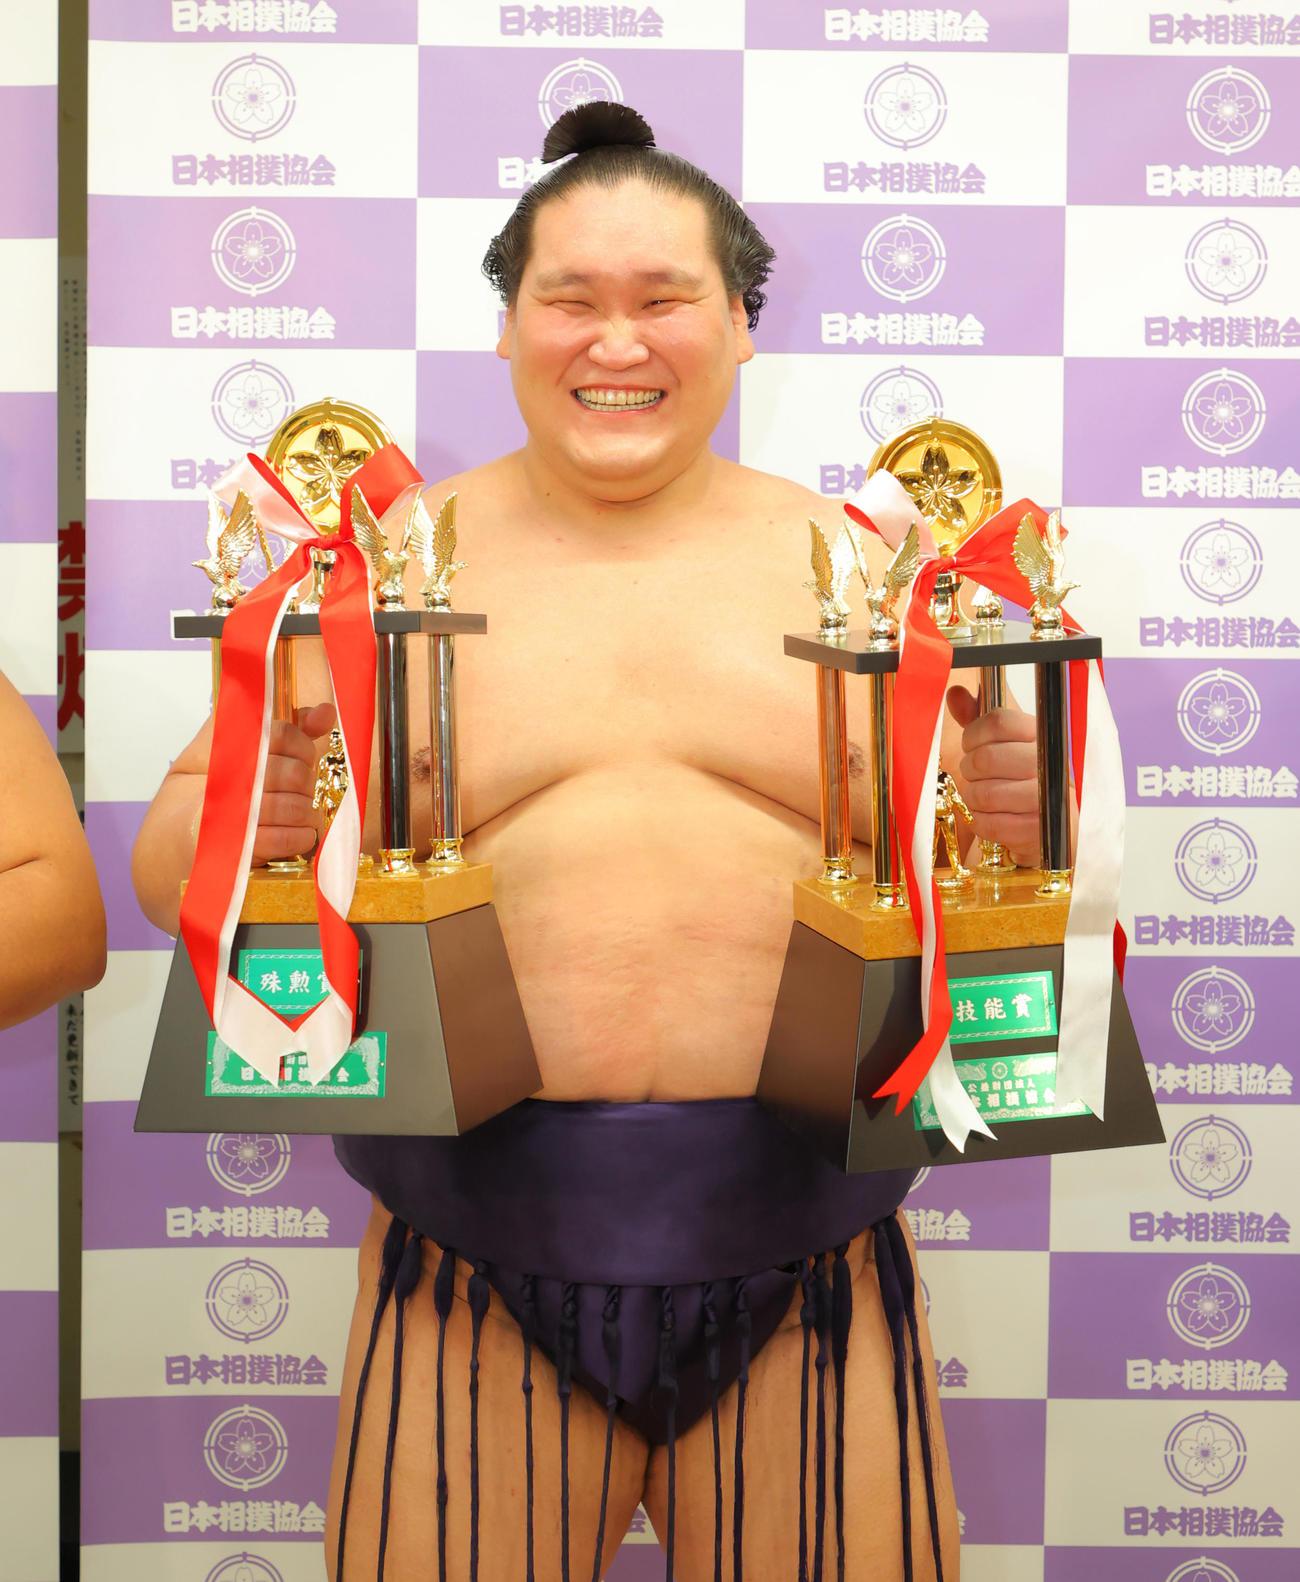 三賞の記念撮影で殊勲賞と技能賞のトロフィーを手に笑顔を見せる照ノ富士(代表撮影)